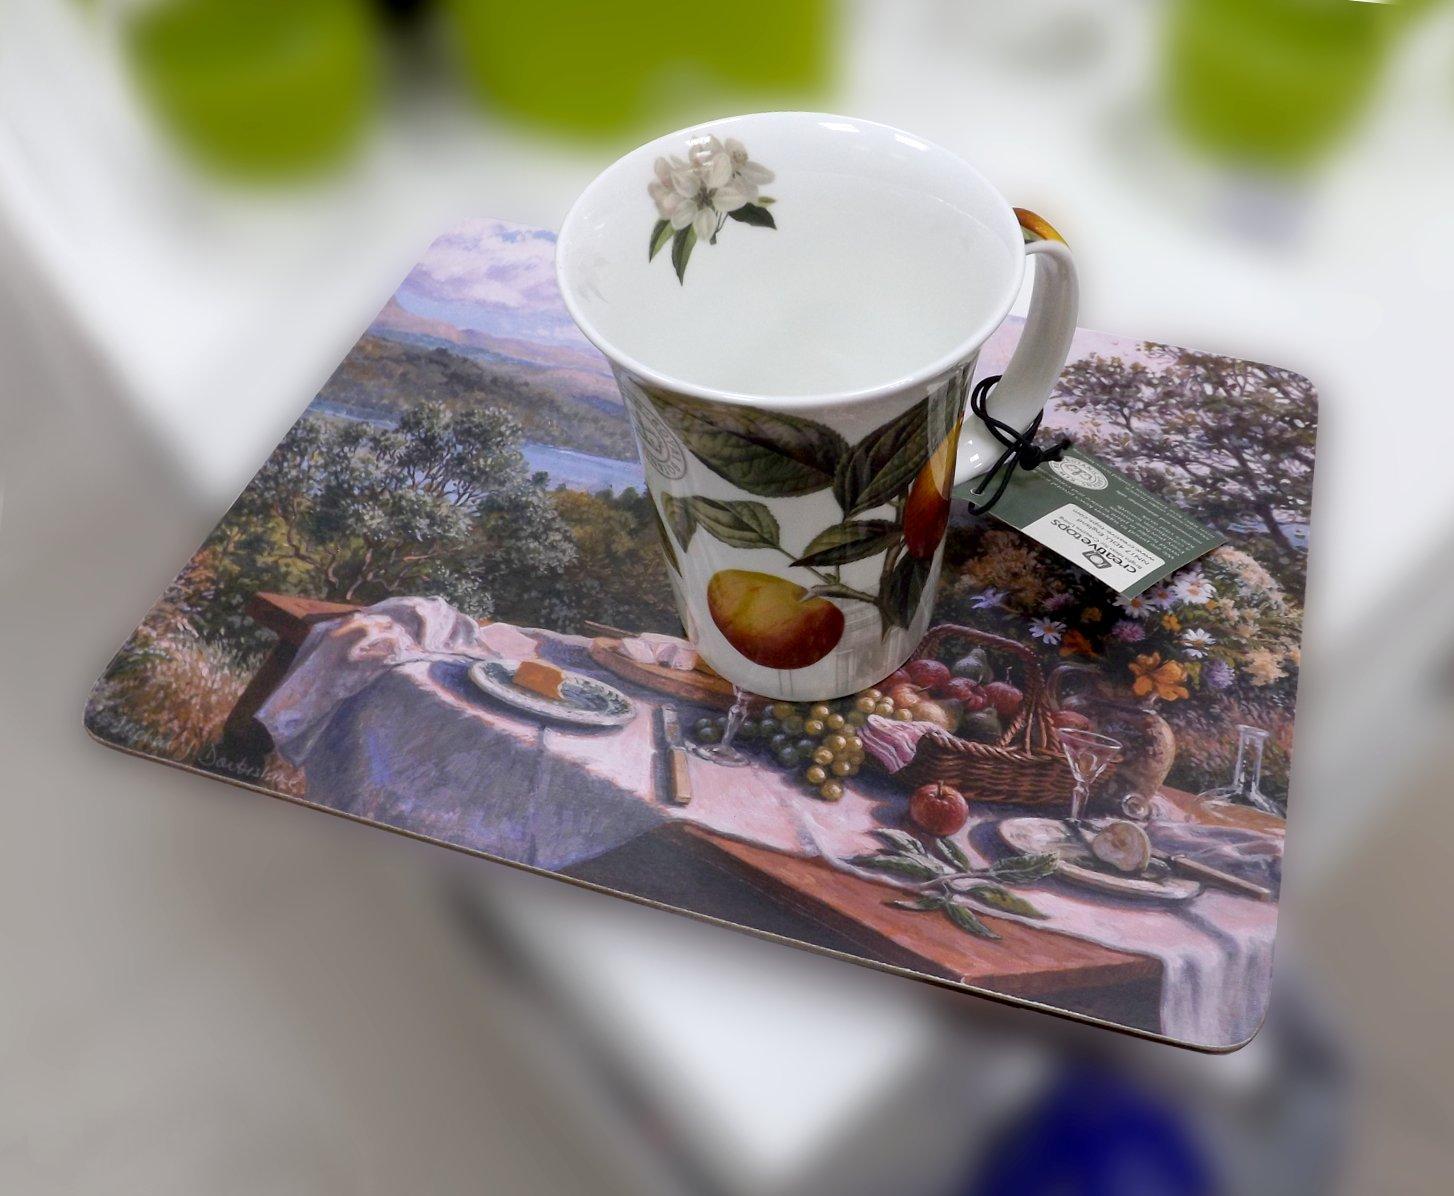 Подставка на основе пробкового дерева с изображением накрытого под открытым небом стола и фарфоровая кружка с рисунками яблок от Creative Tops